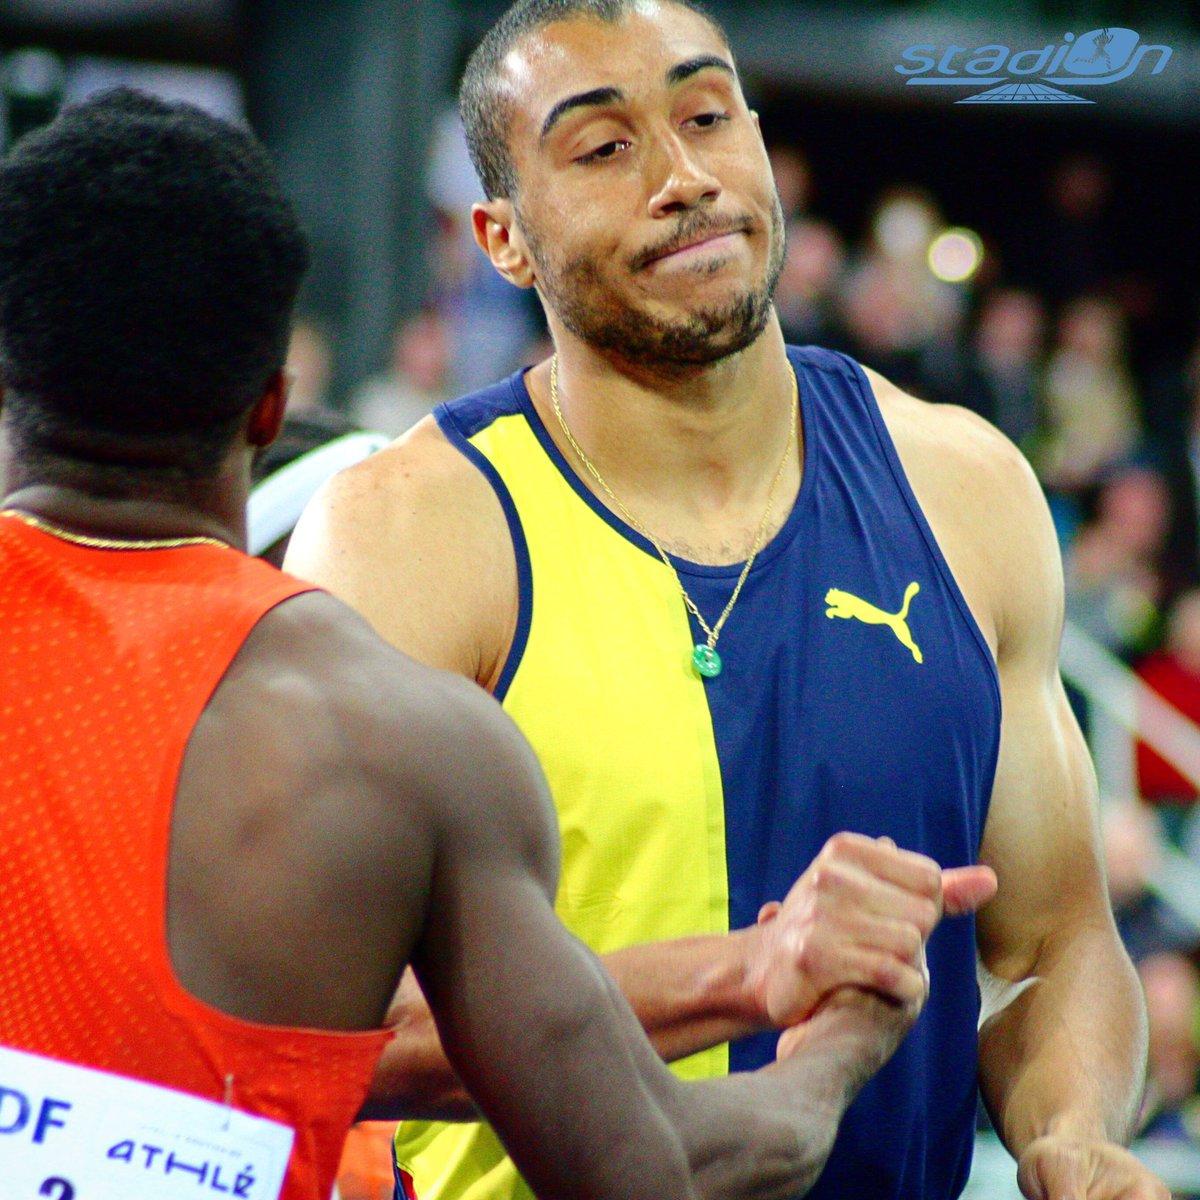 📸 Pour sa seule sortie de l'hiver, @vicautjimmy termine troisième du 60 m à Liévin ! #athlétisme